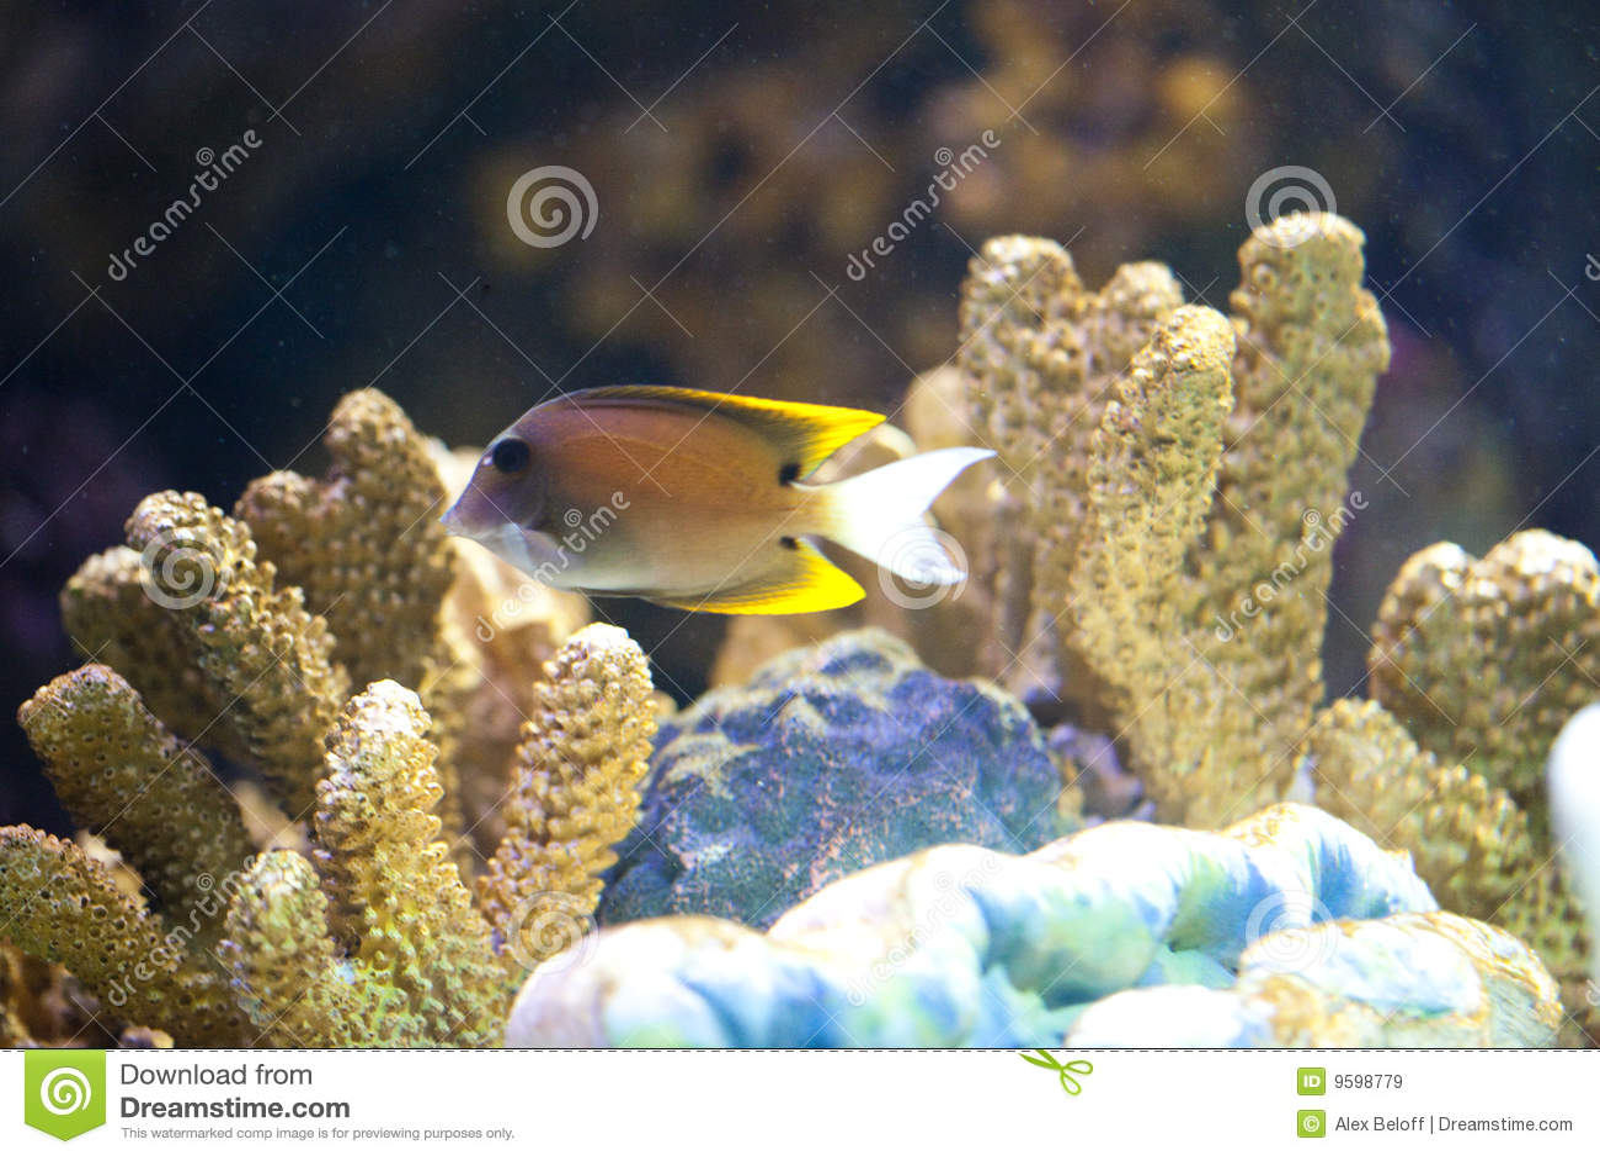 Exotische Fische im Becken